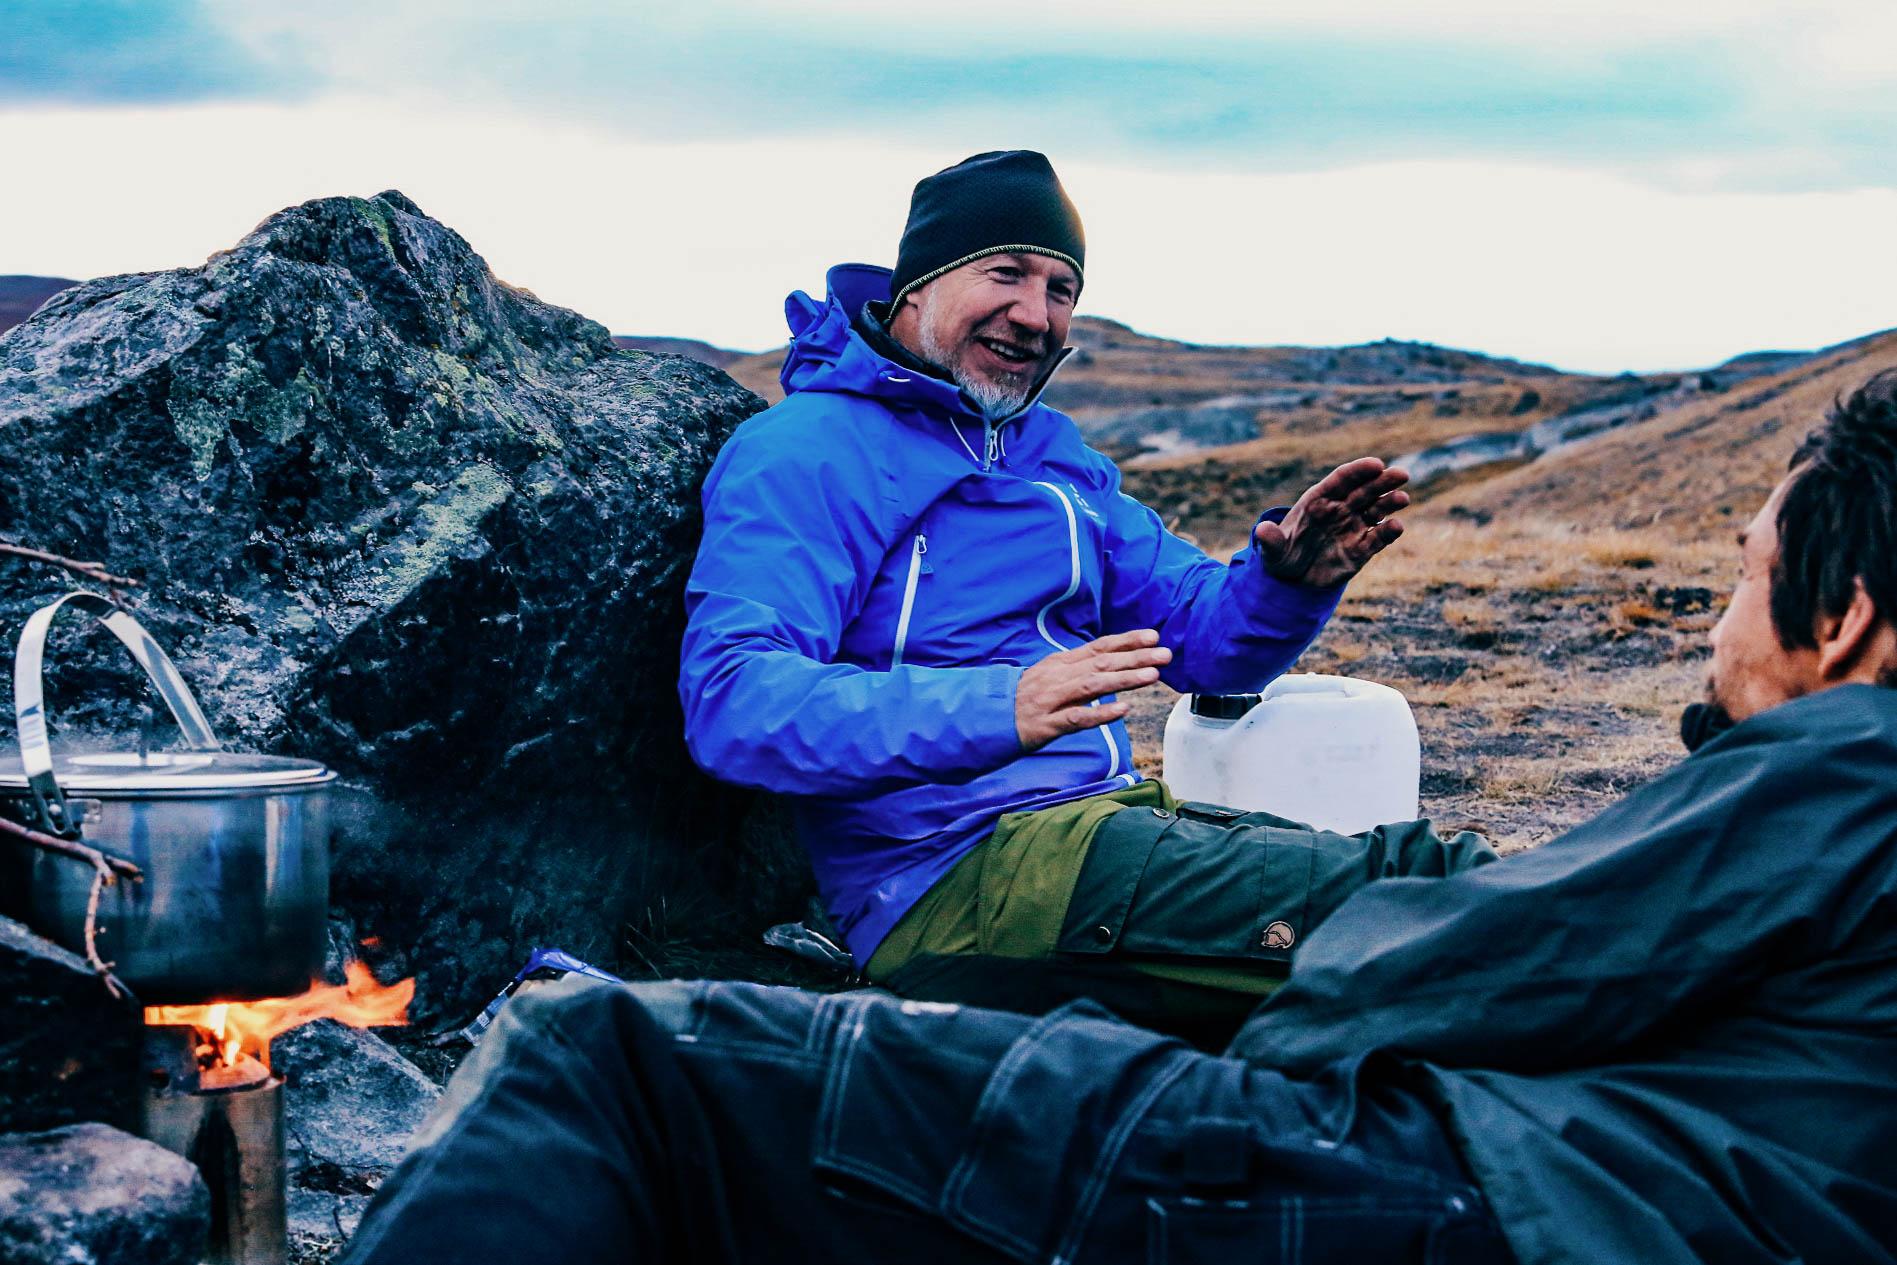 Groenland-Trekking-Hanwag-2830